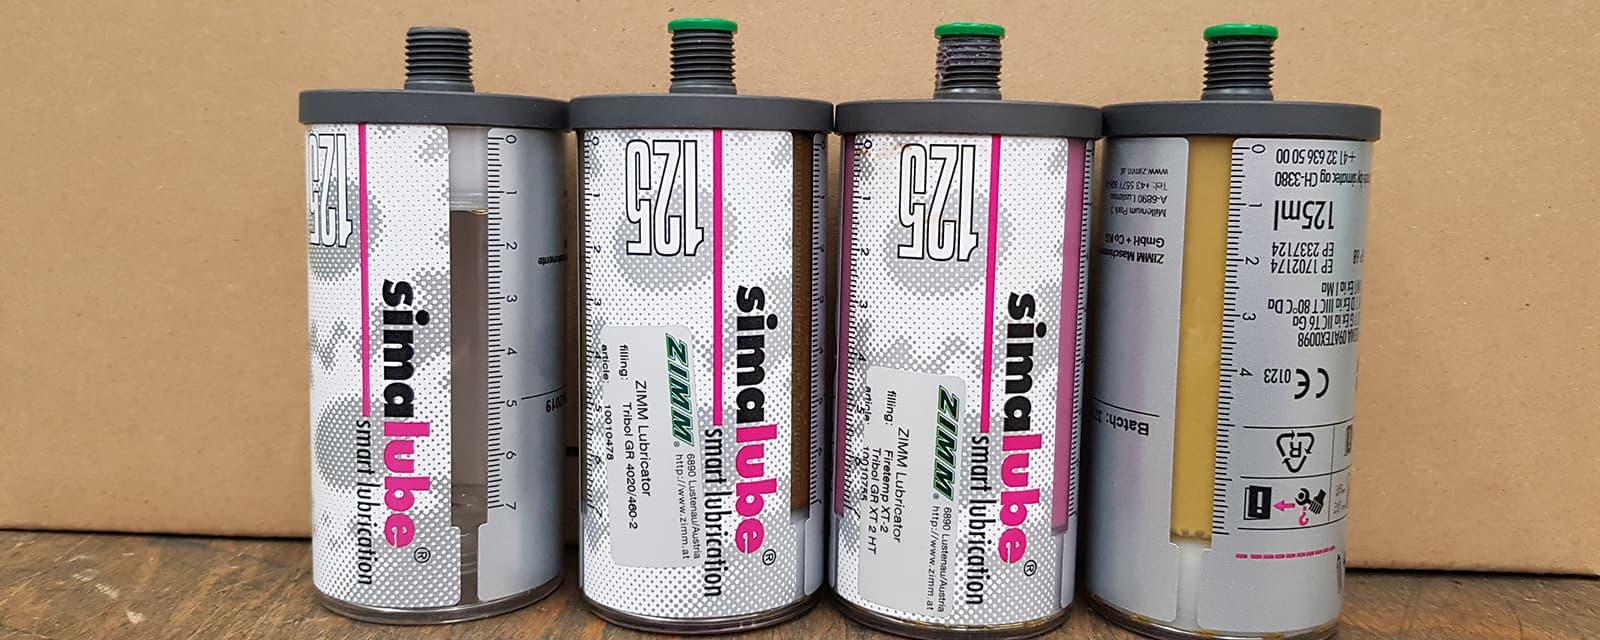 Durabilità attraverso una buona lubrificazione